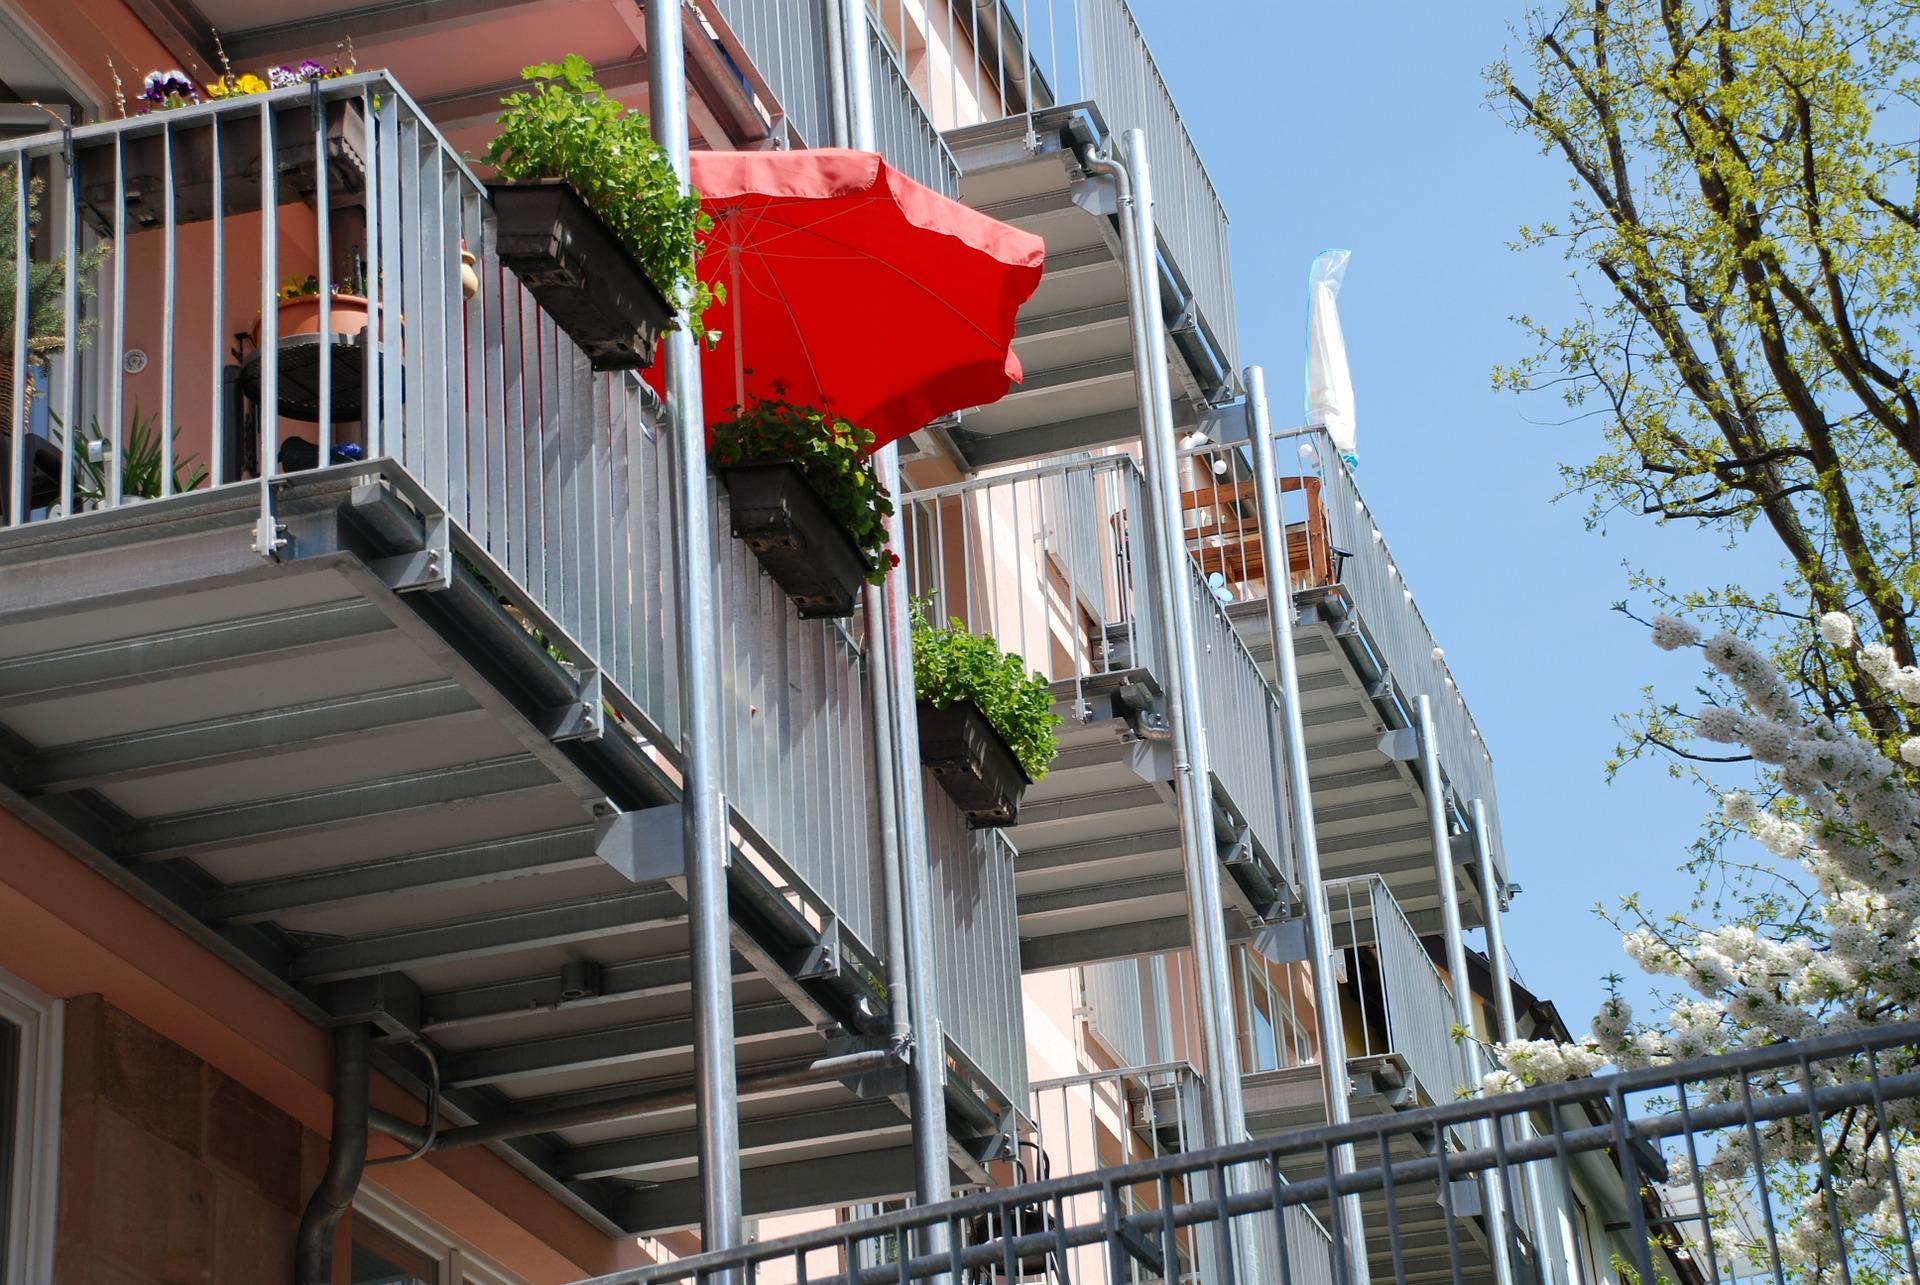 sichtschutz balkon schutz vor blicken seitlich vorne. Black Bedroom Furniture Sets. Home Design Ideas